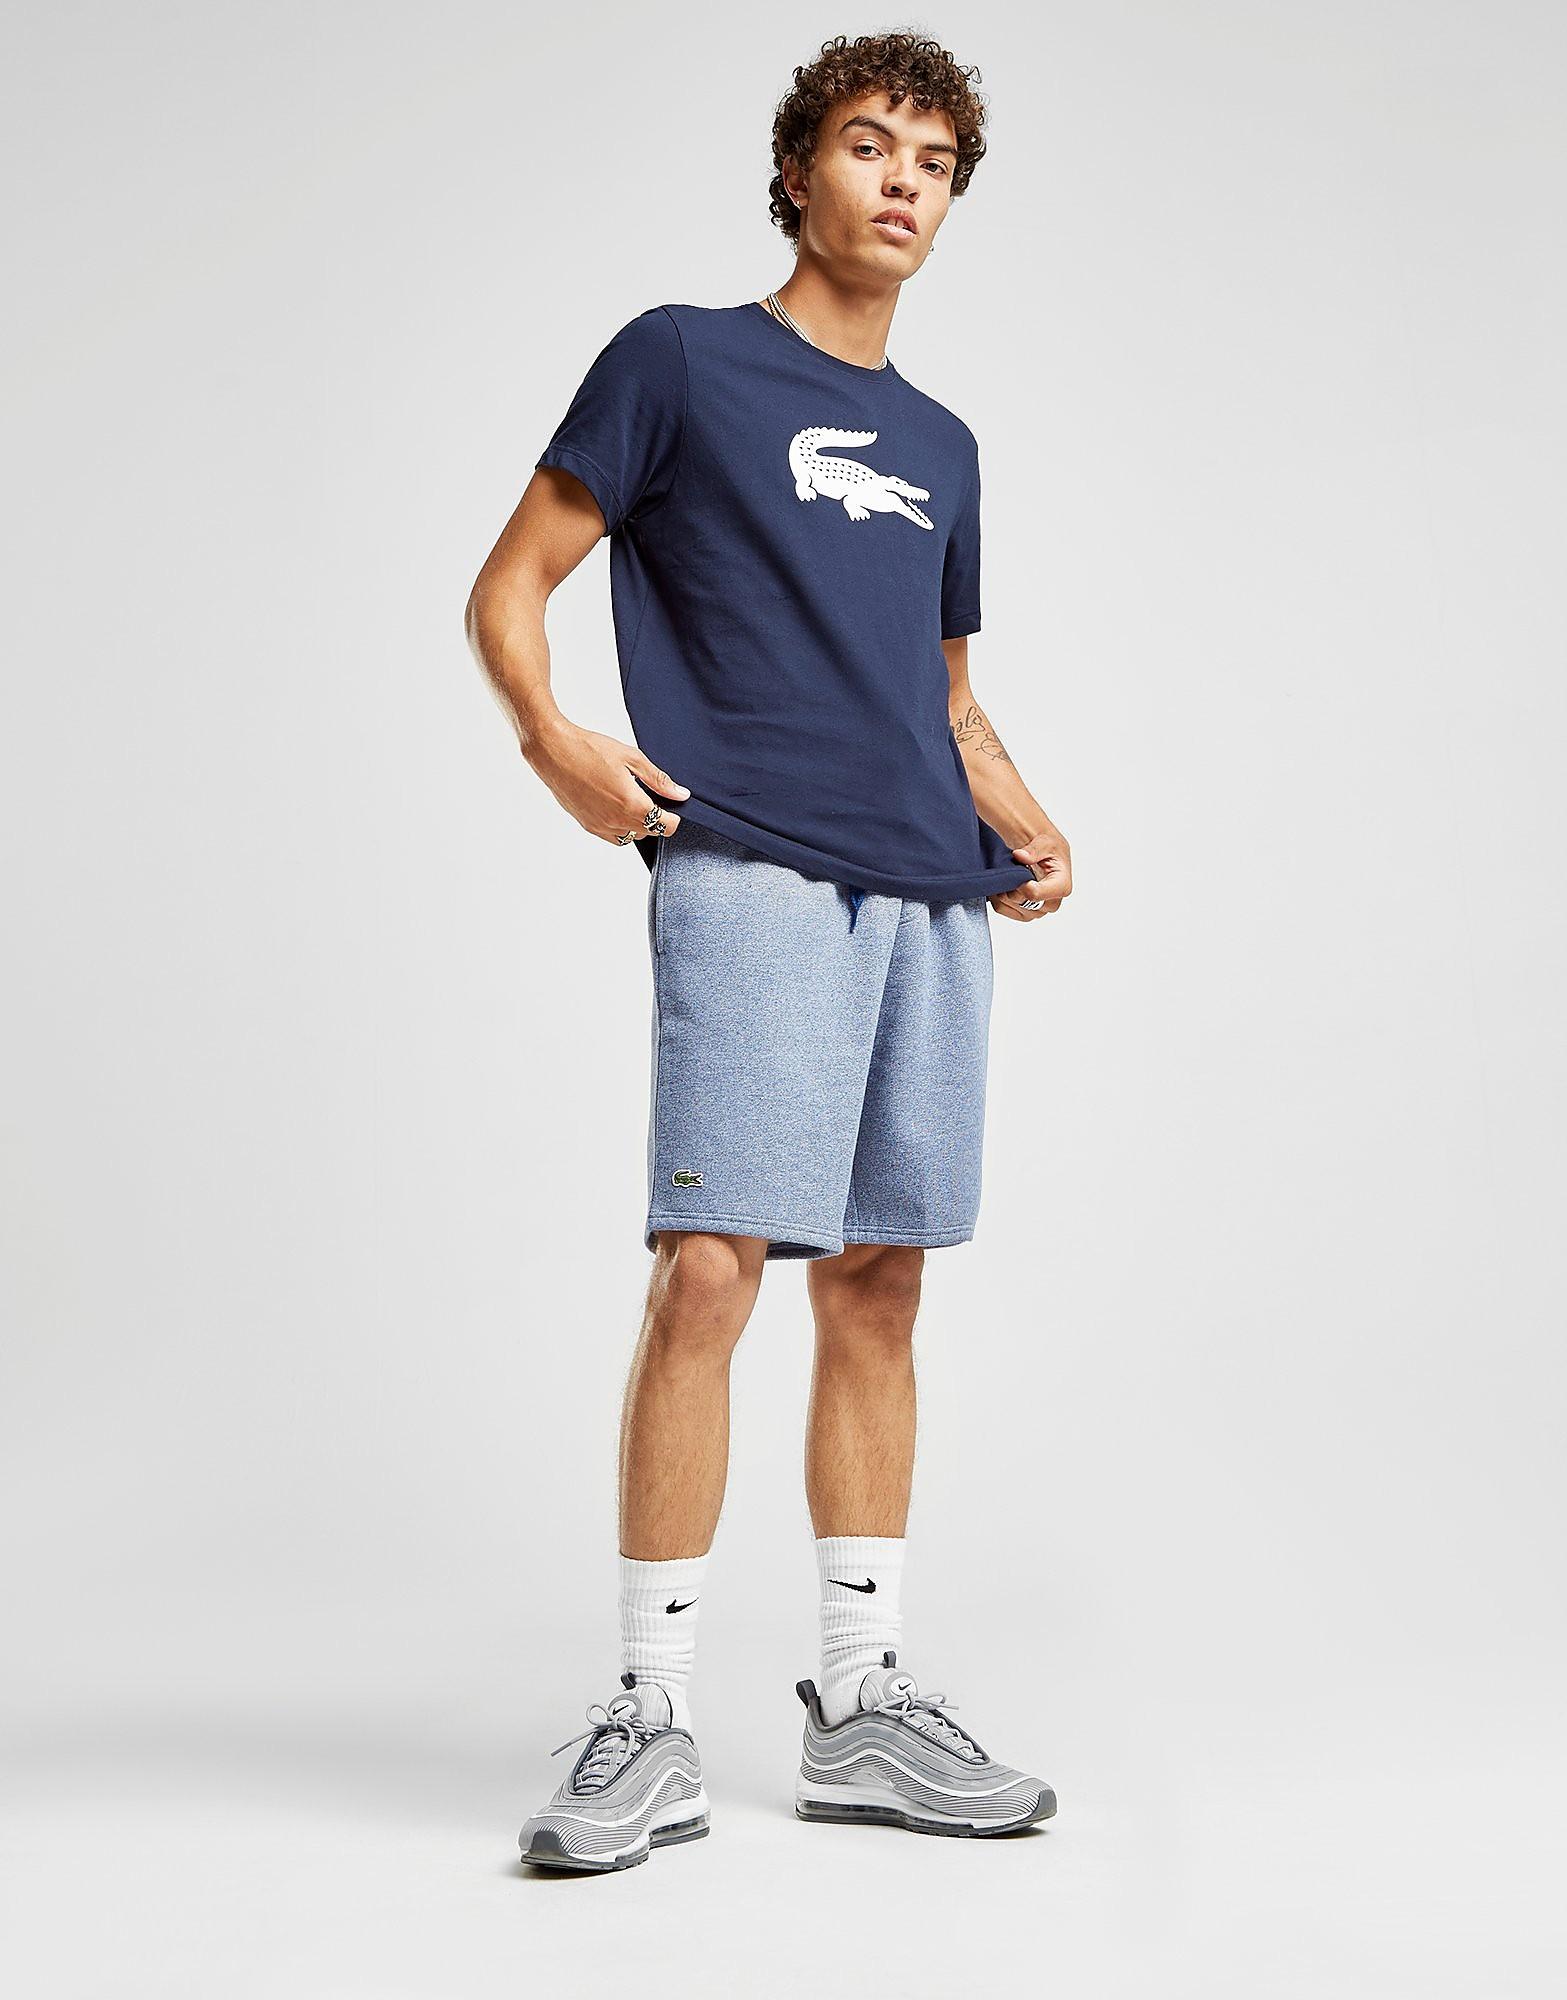 Lacoste Croc T-Shirt Heren - Blauw - Heren